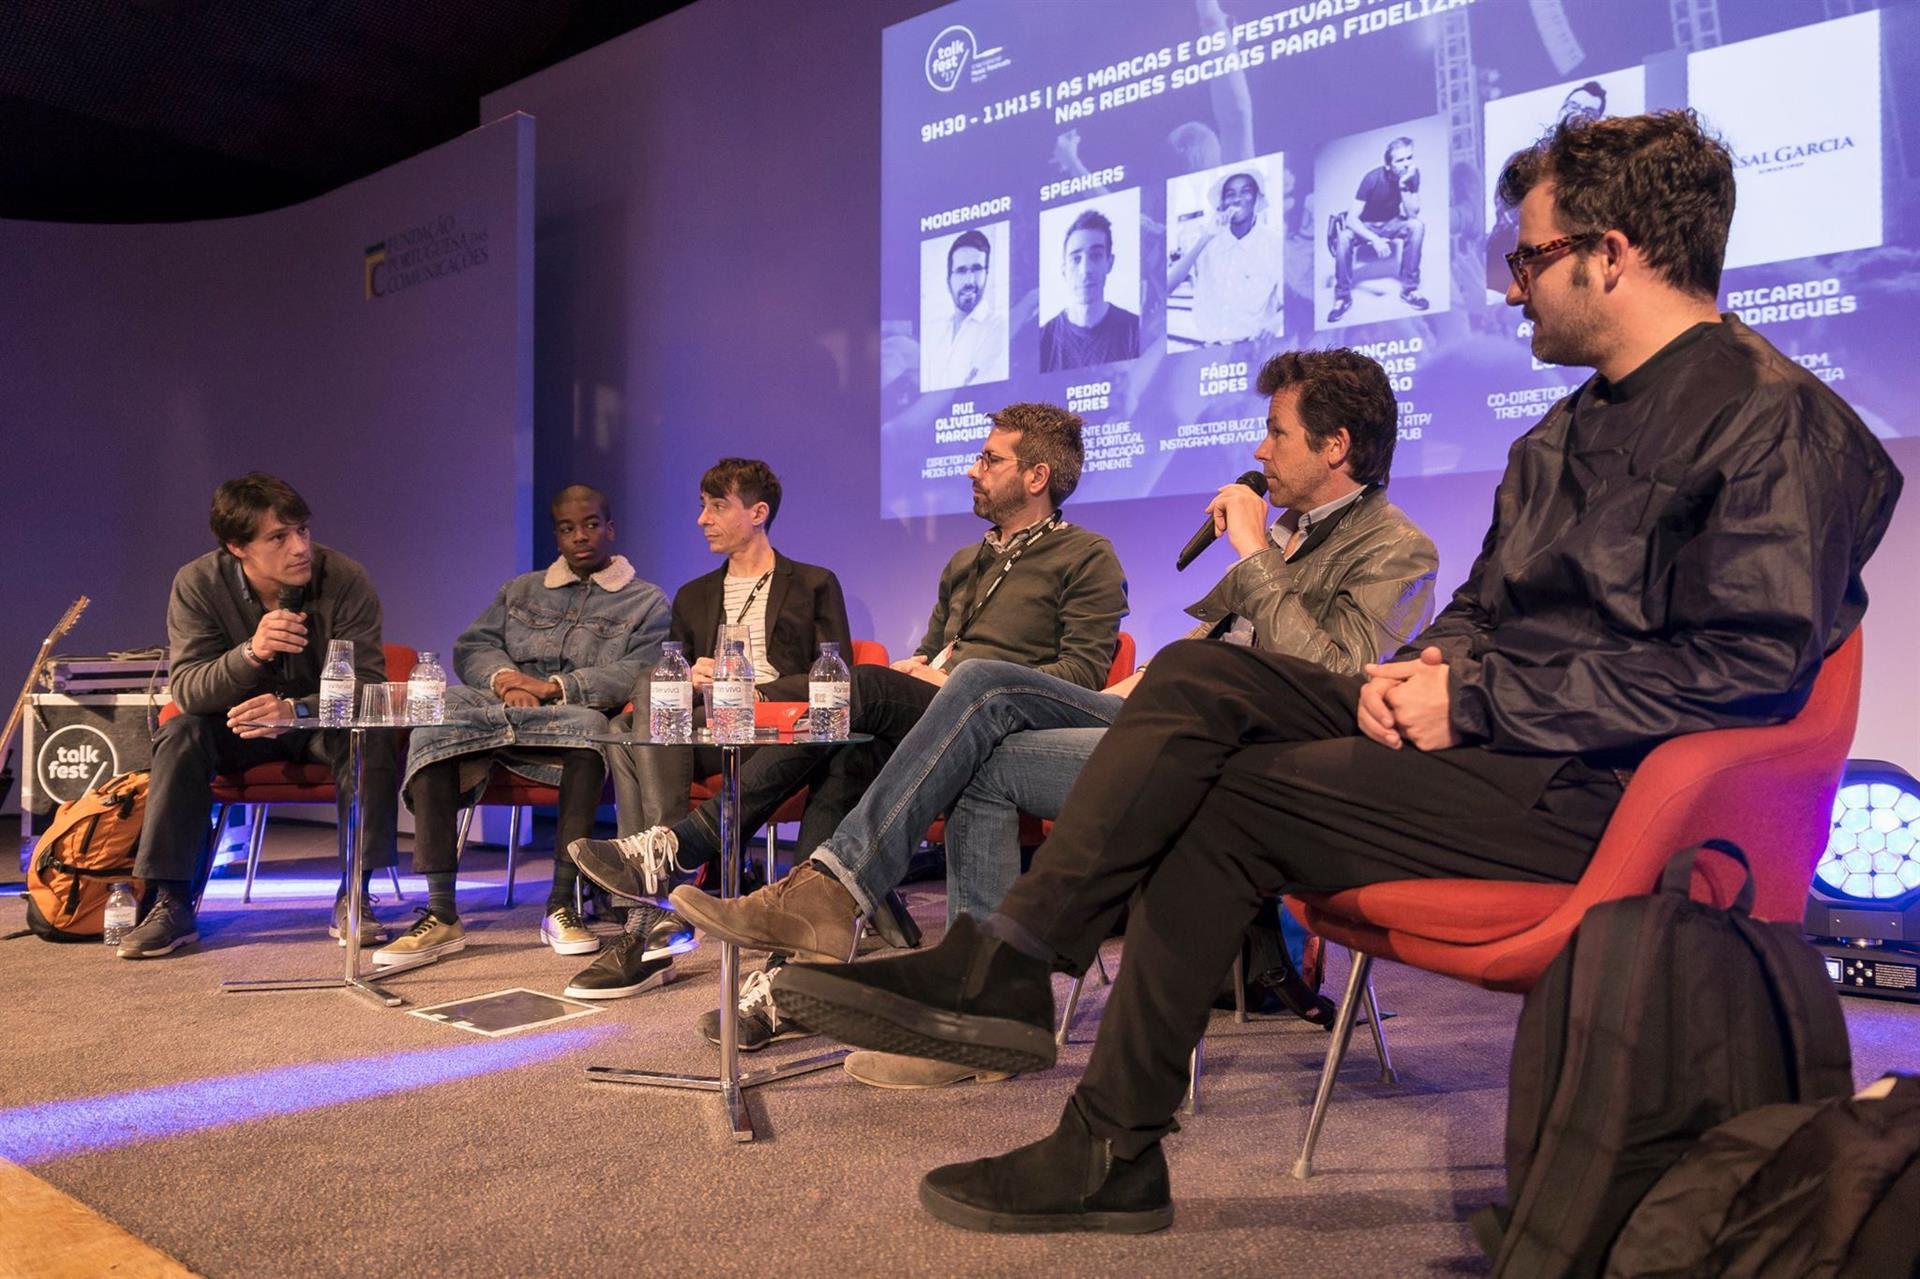 Talkfest'18: já são conhecidos os primeiros oradores